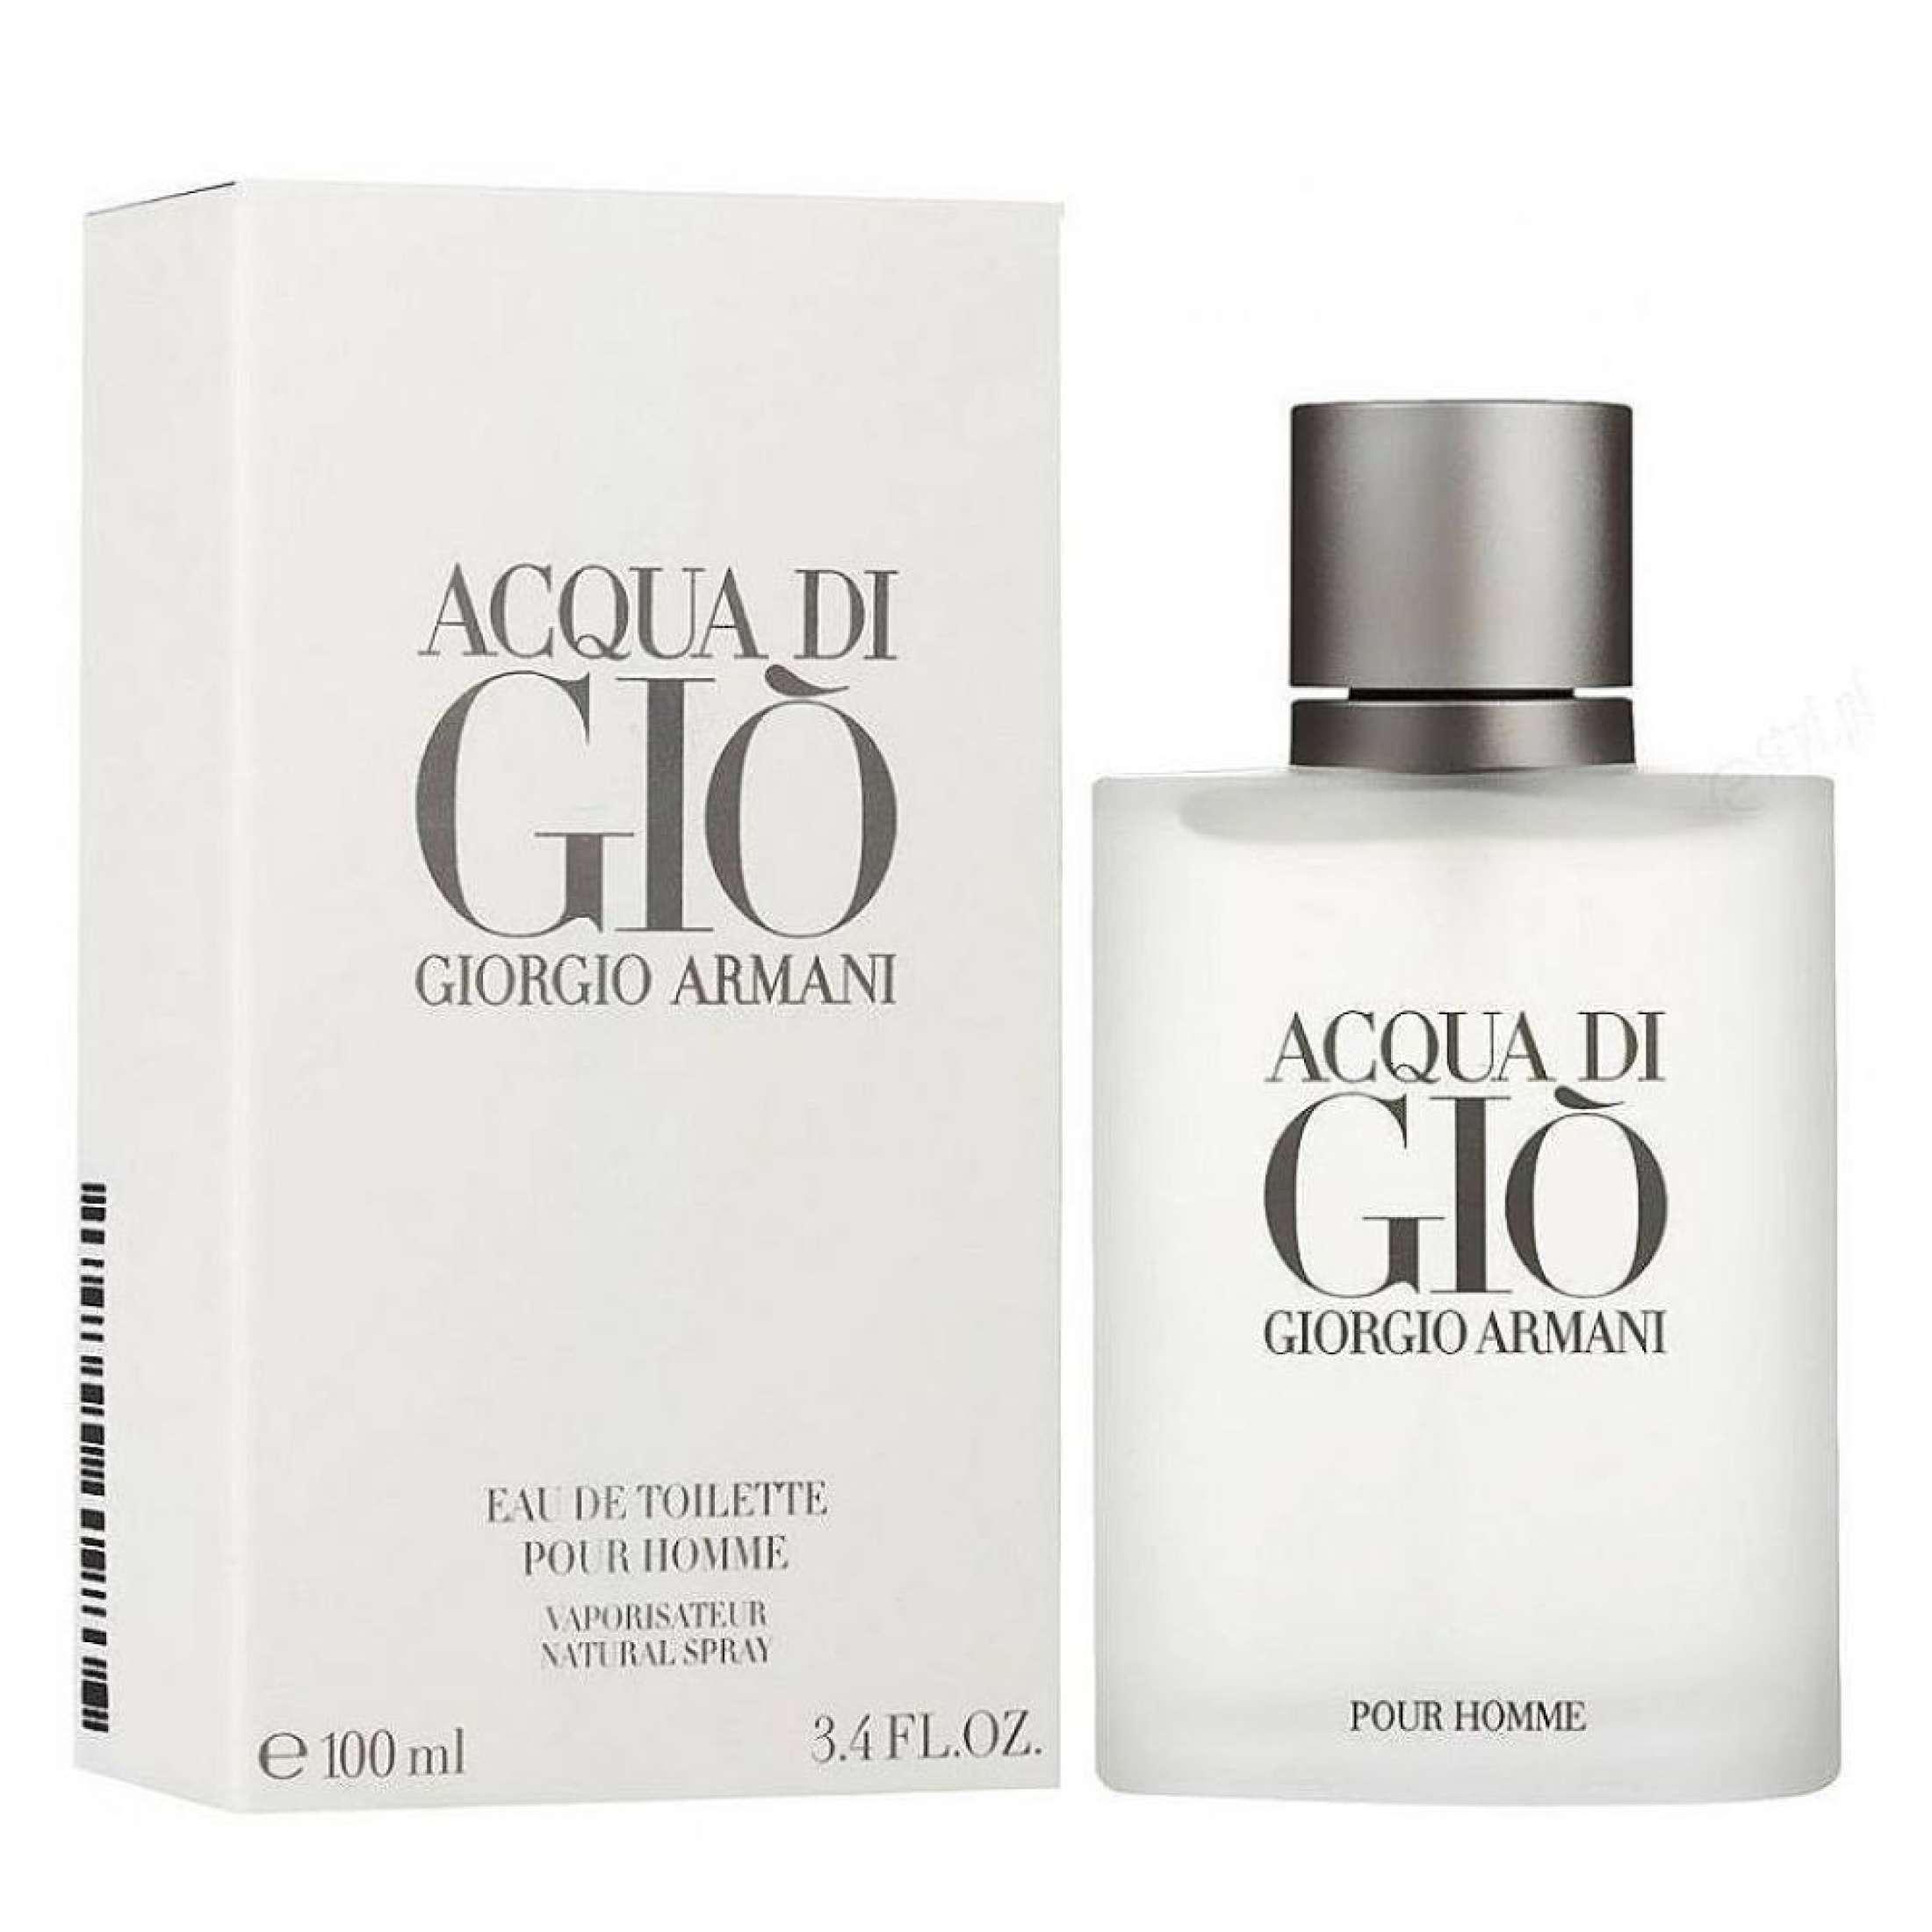 925a9dd2eb7a Philippines. Perfume Outlet Giorgio Armani Acqua Di Gio Eau De Toilette For  Men 100ml